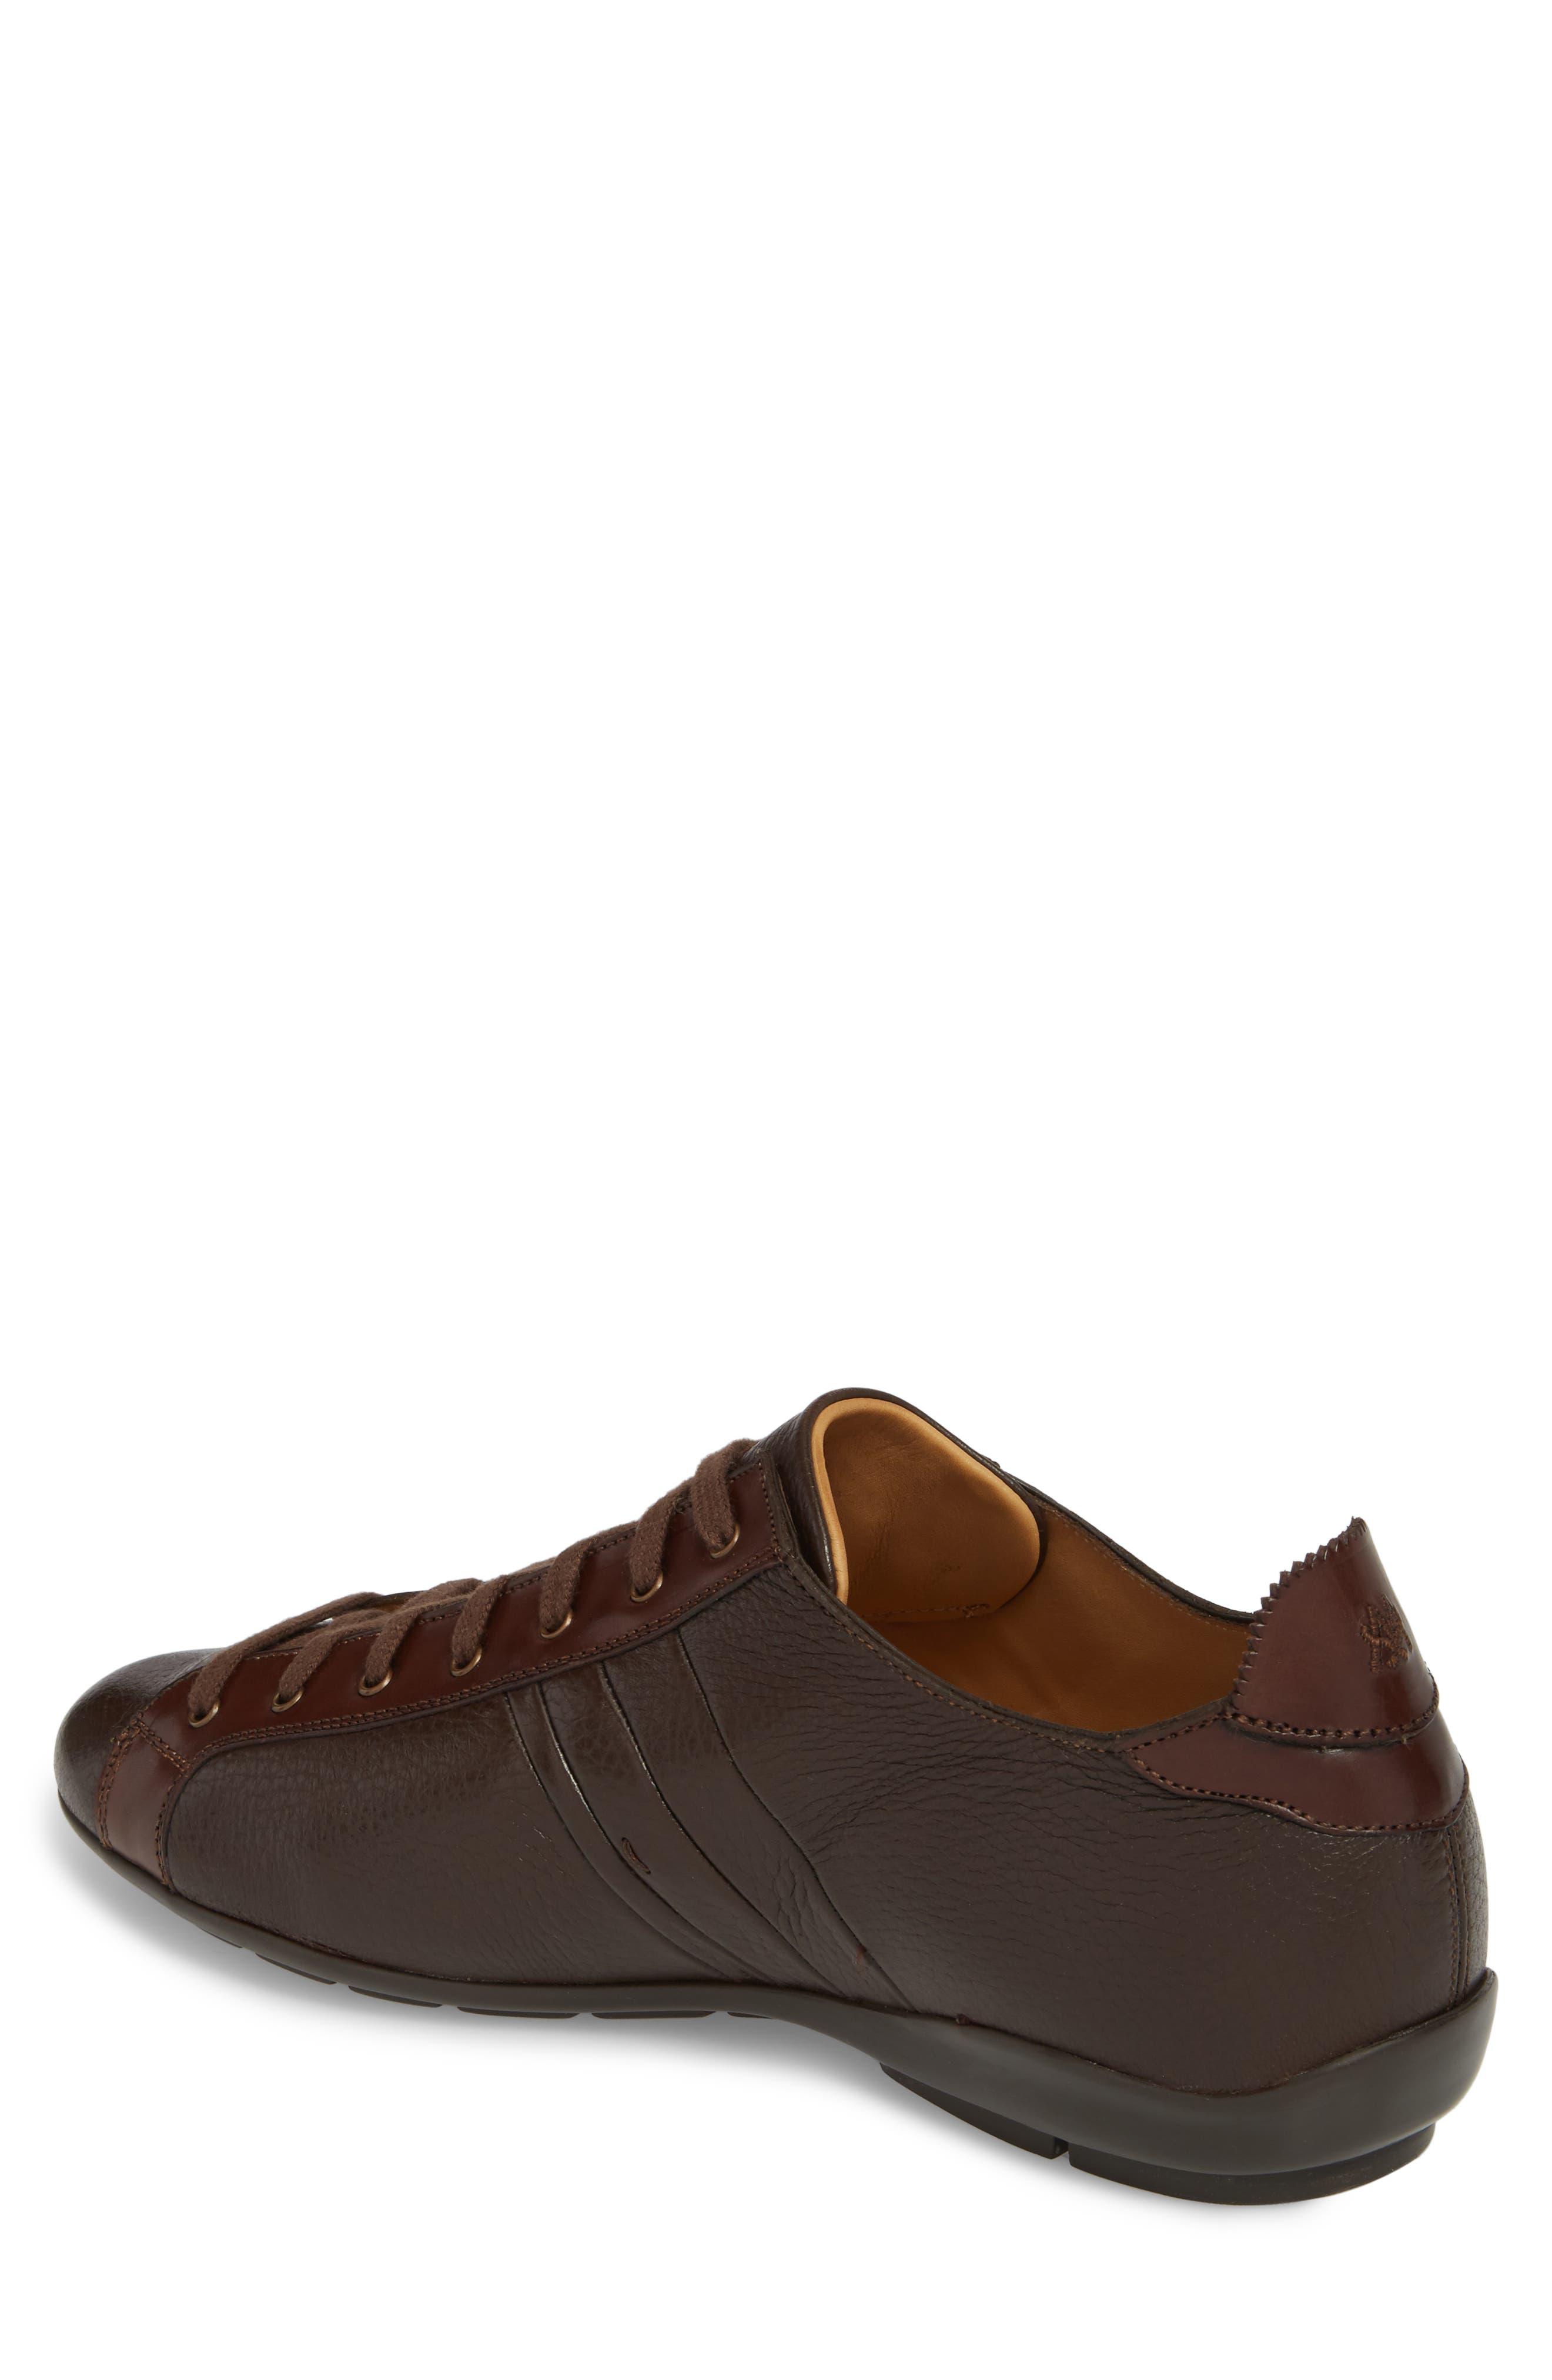 Tiberio Sneaker,                             Alternate thumbnail 2, color,                             Brown